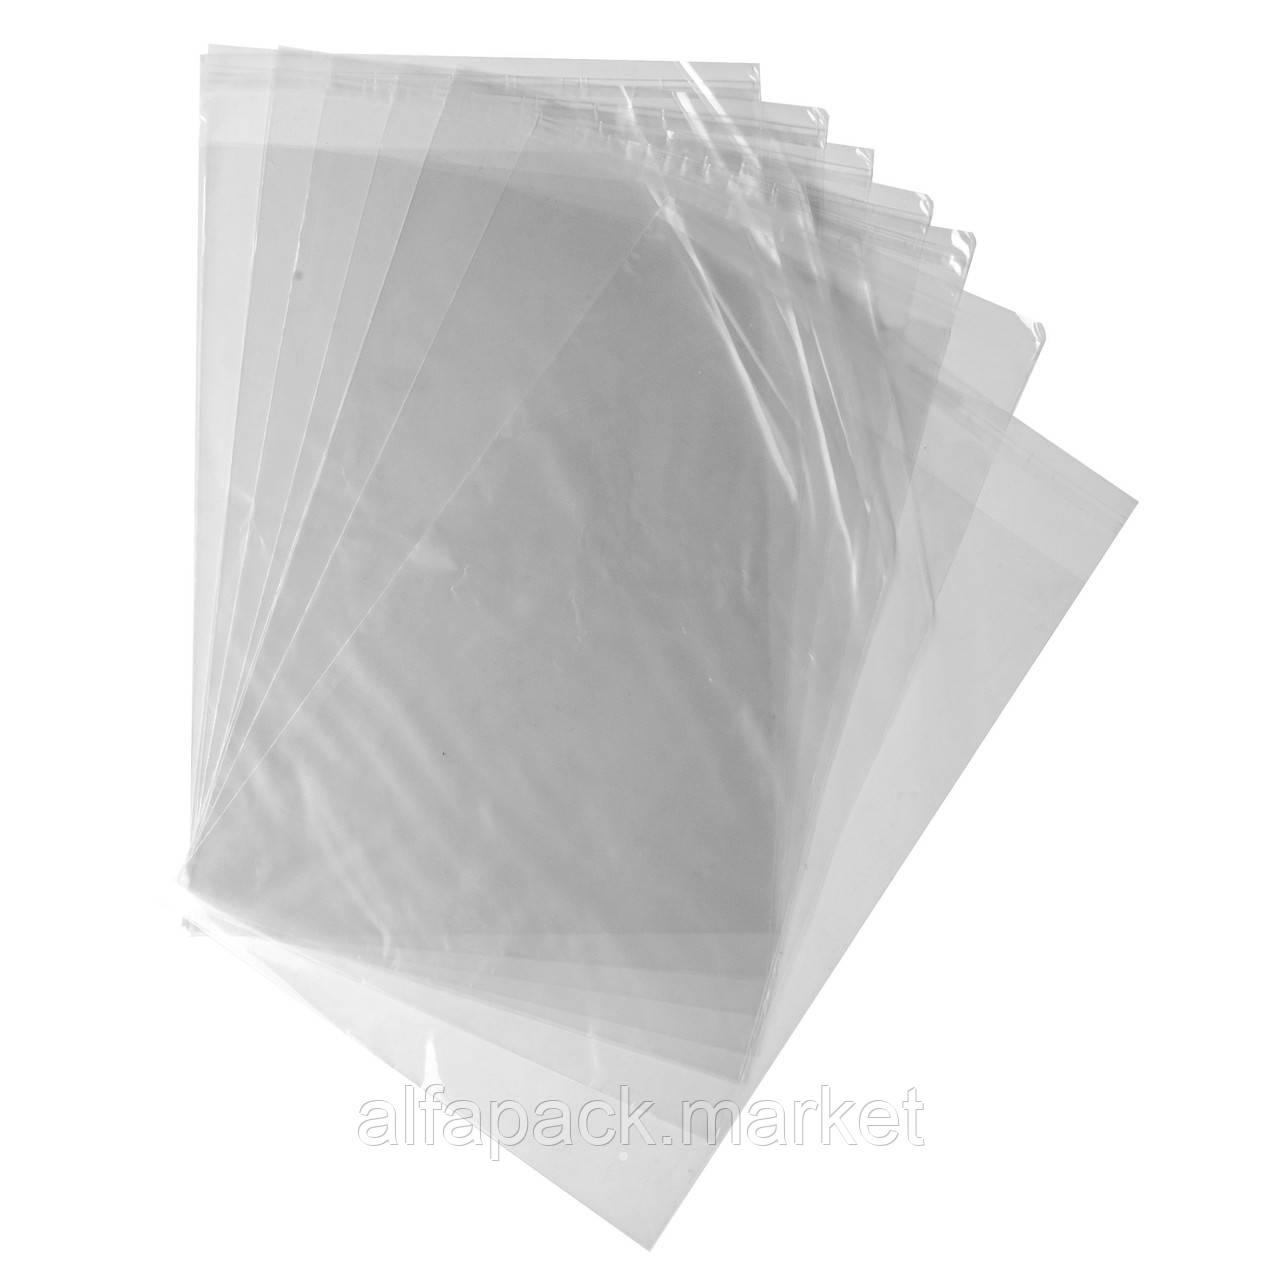 Пакет полипропиленовый 300*400 (1000 шт в упаковке) 030000146